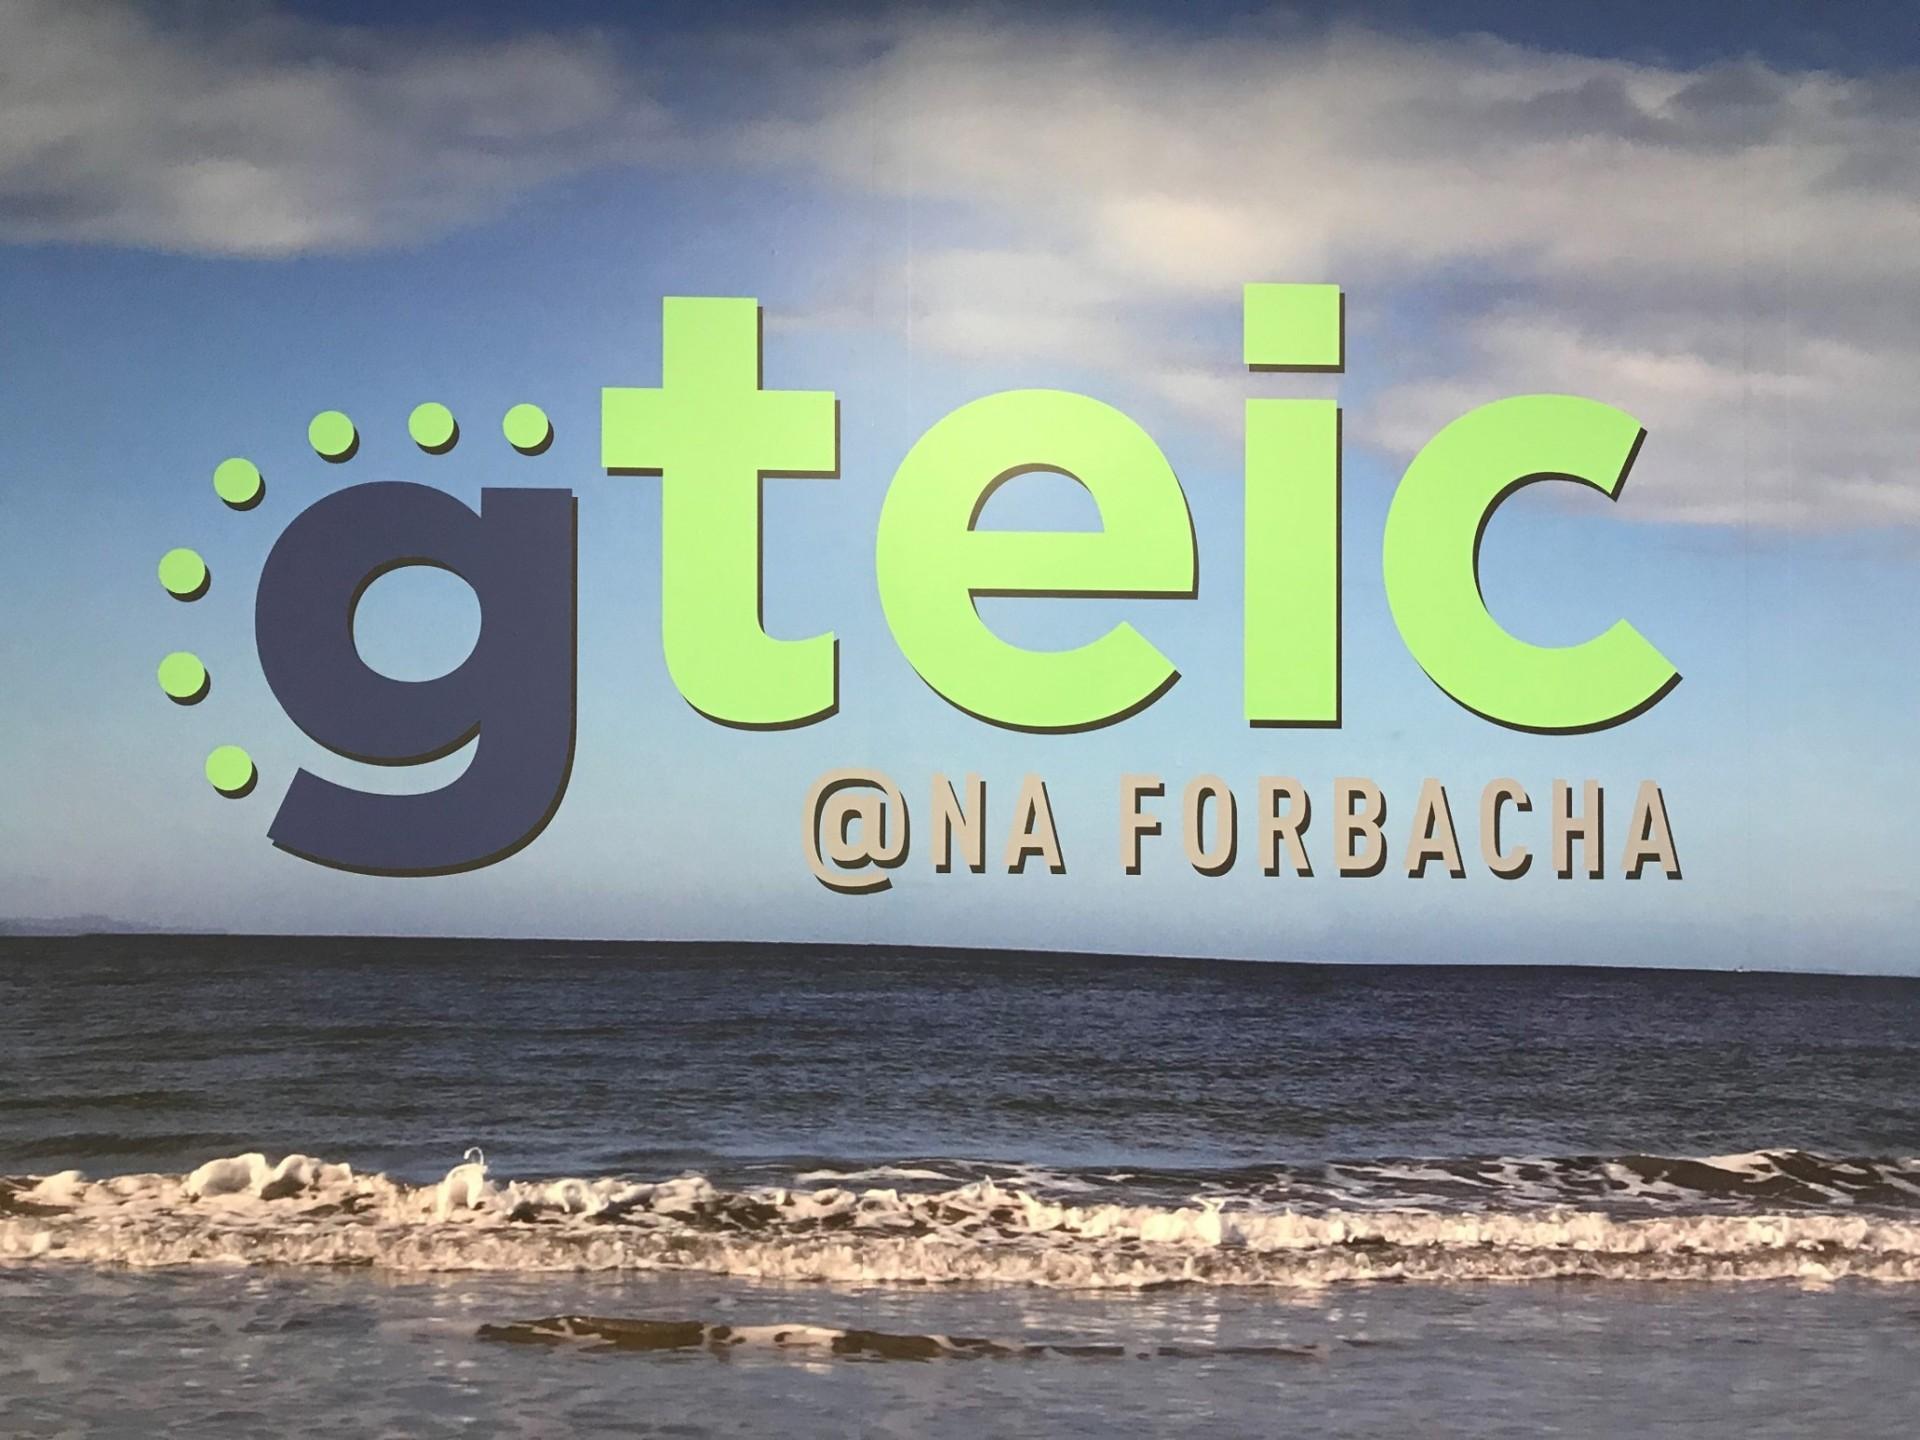 gteic @ Na Forbacha